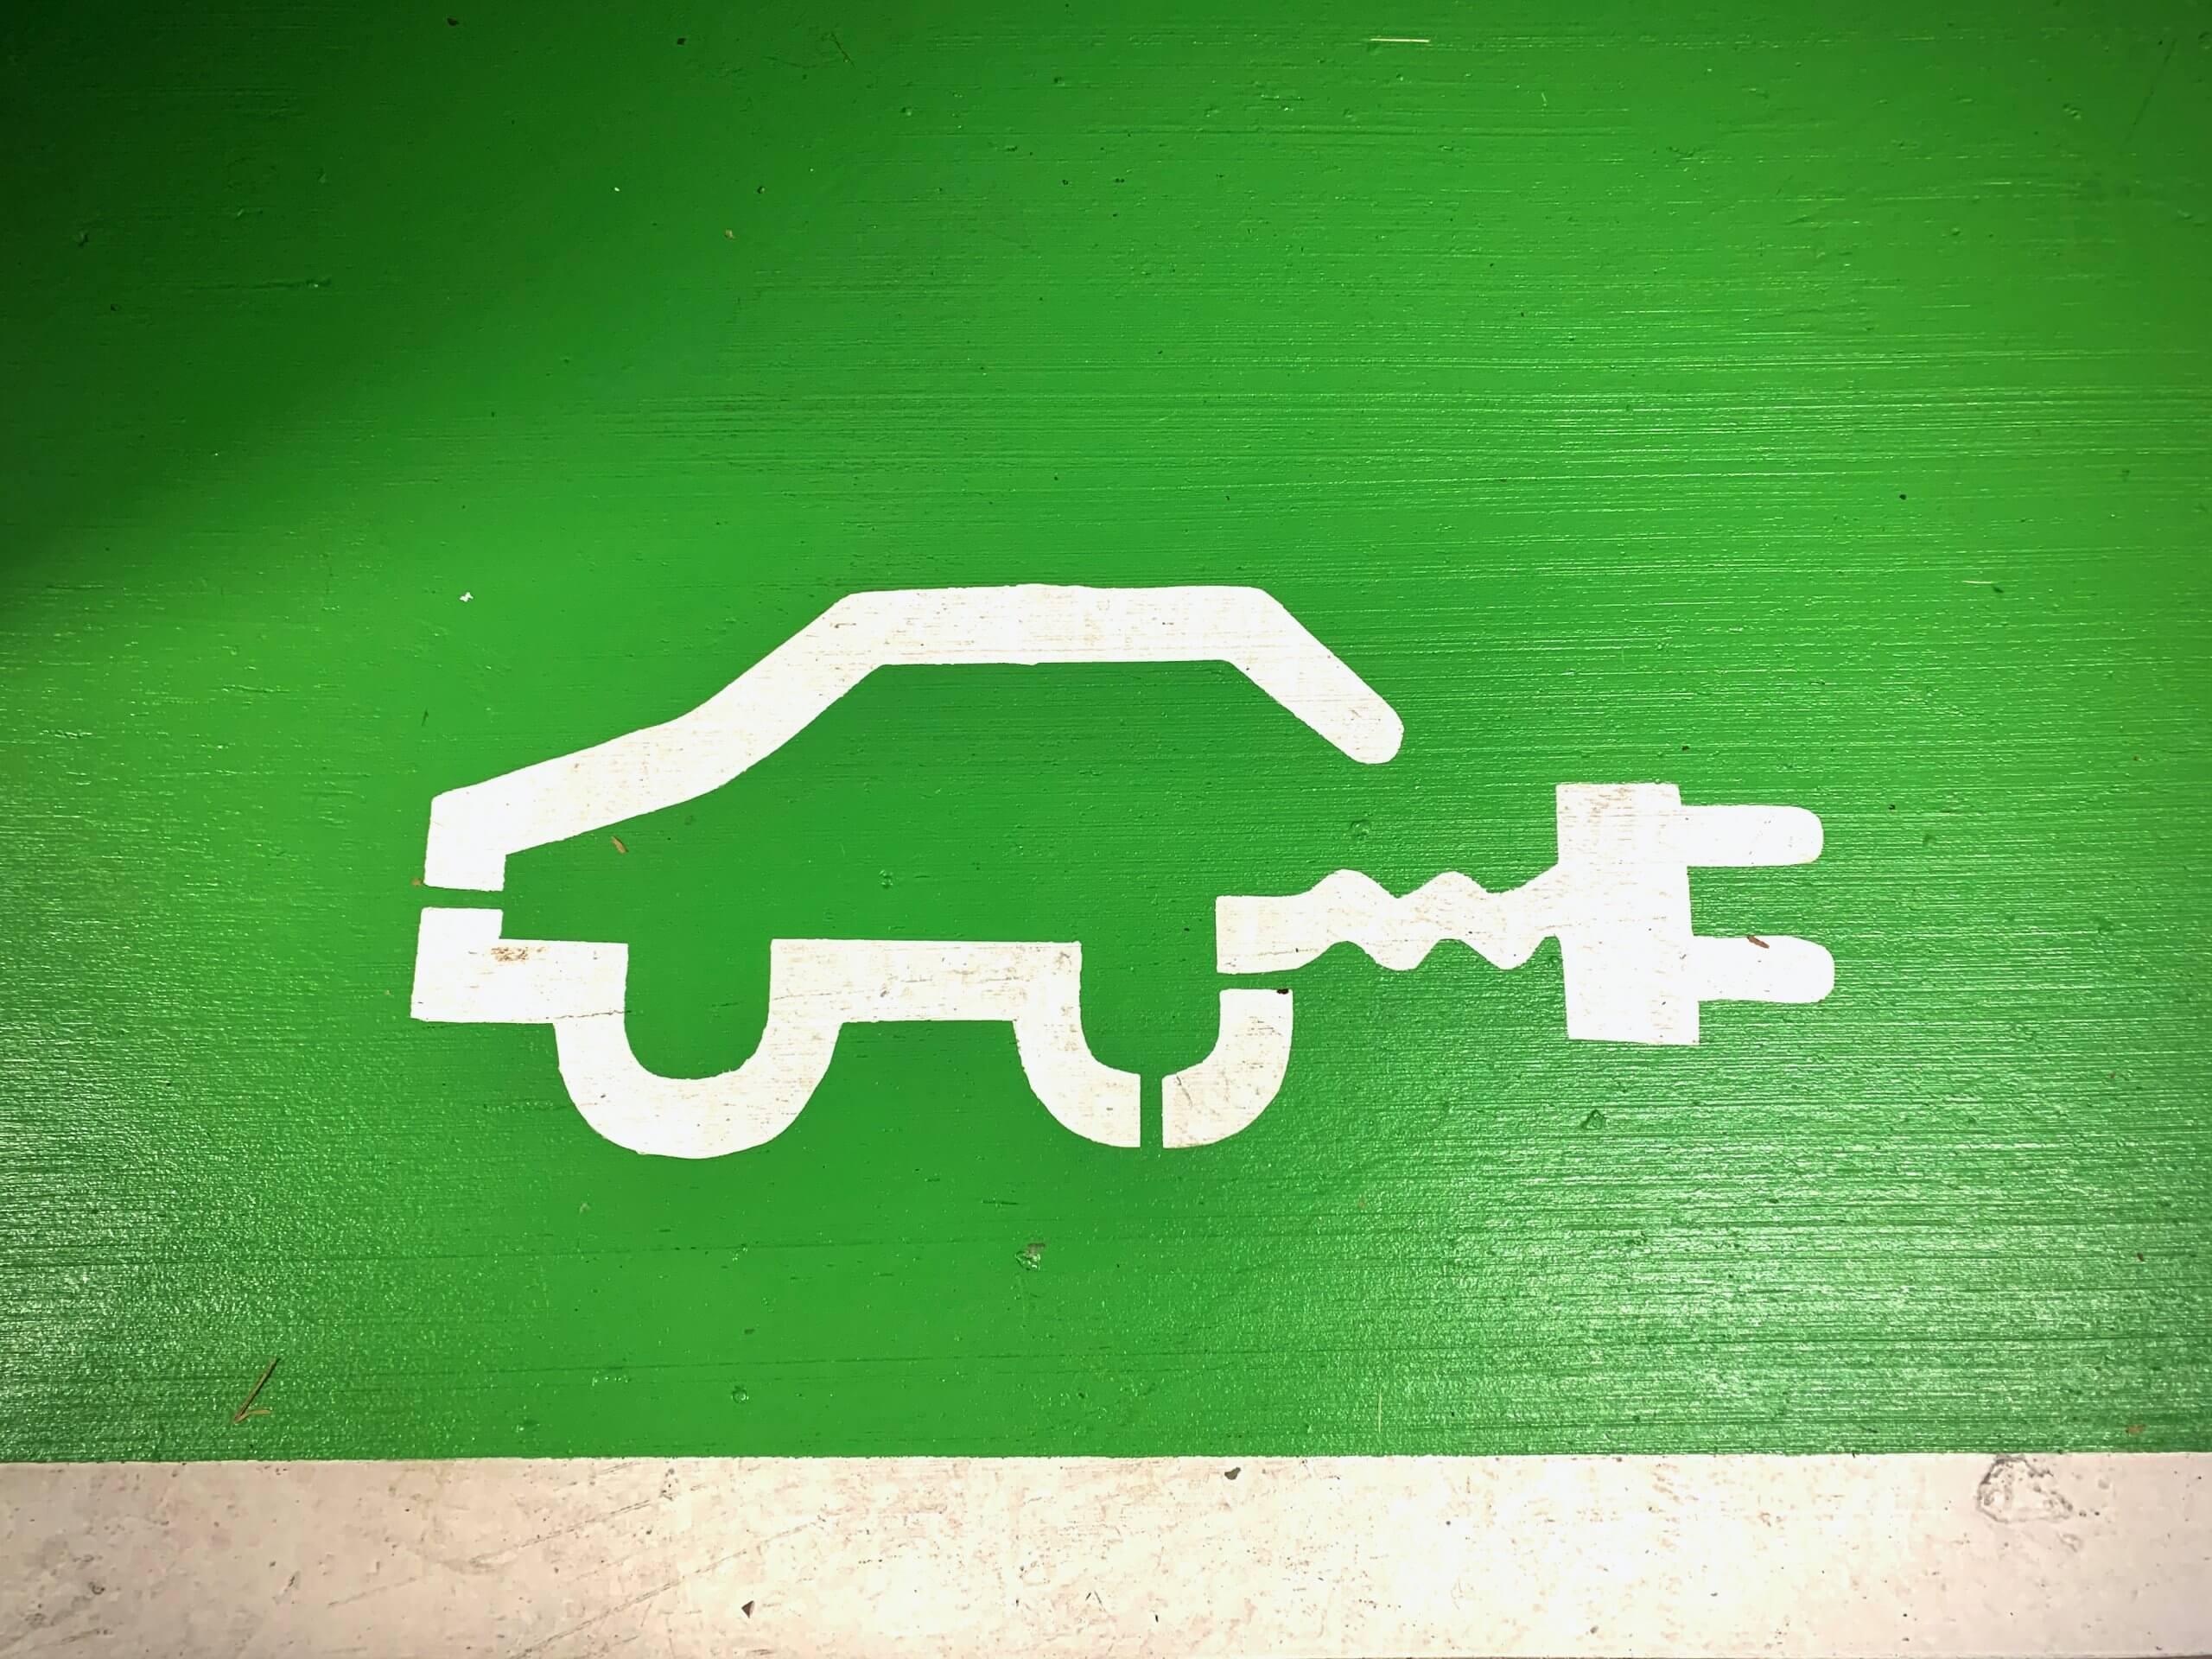 電気自動車は本当にクリーンなのか?